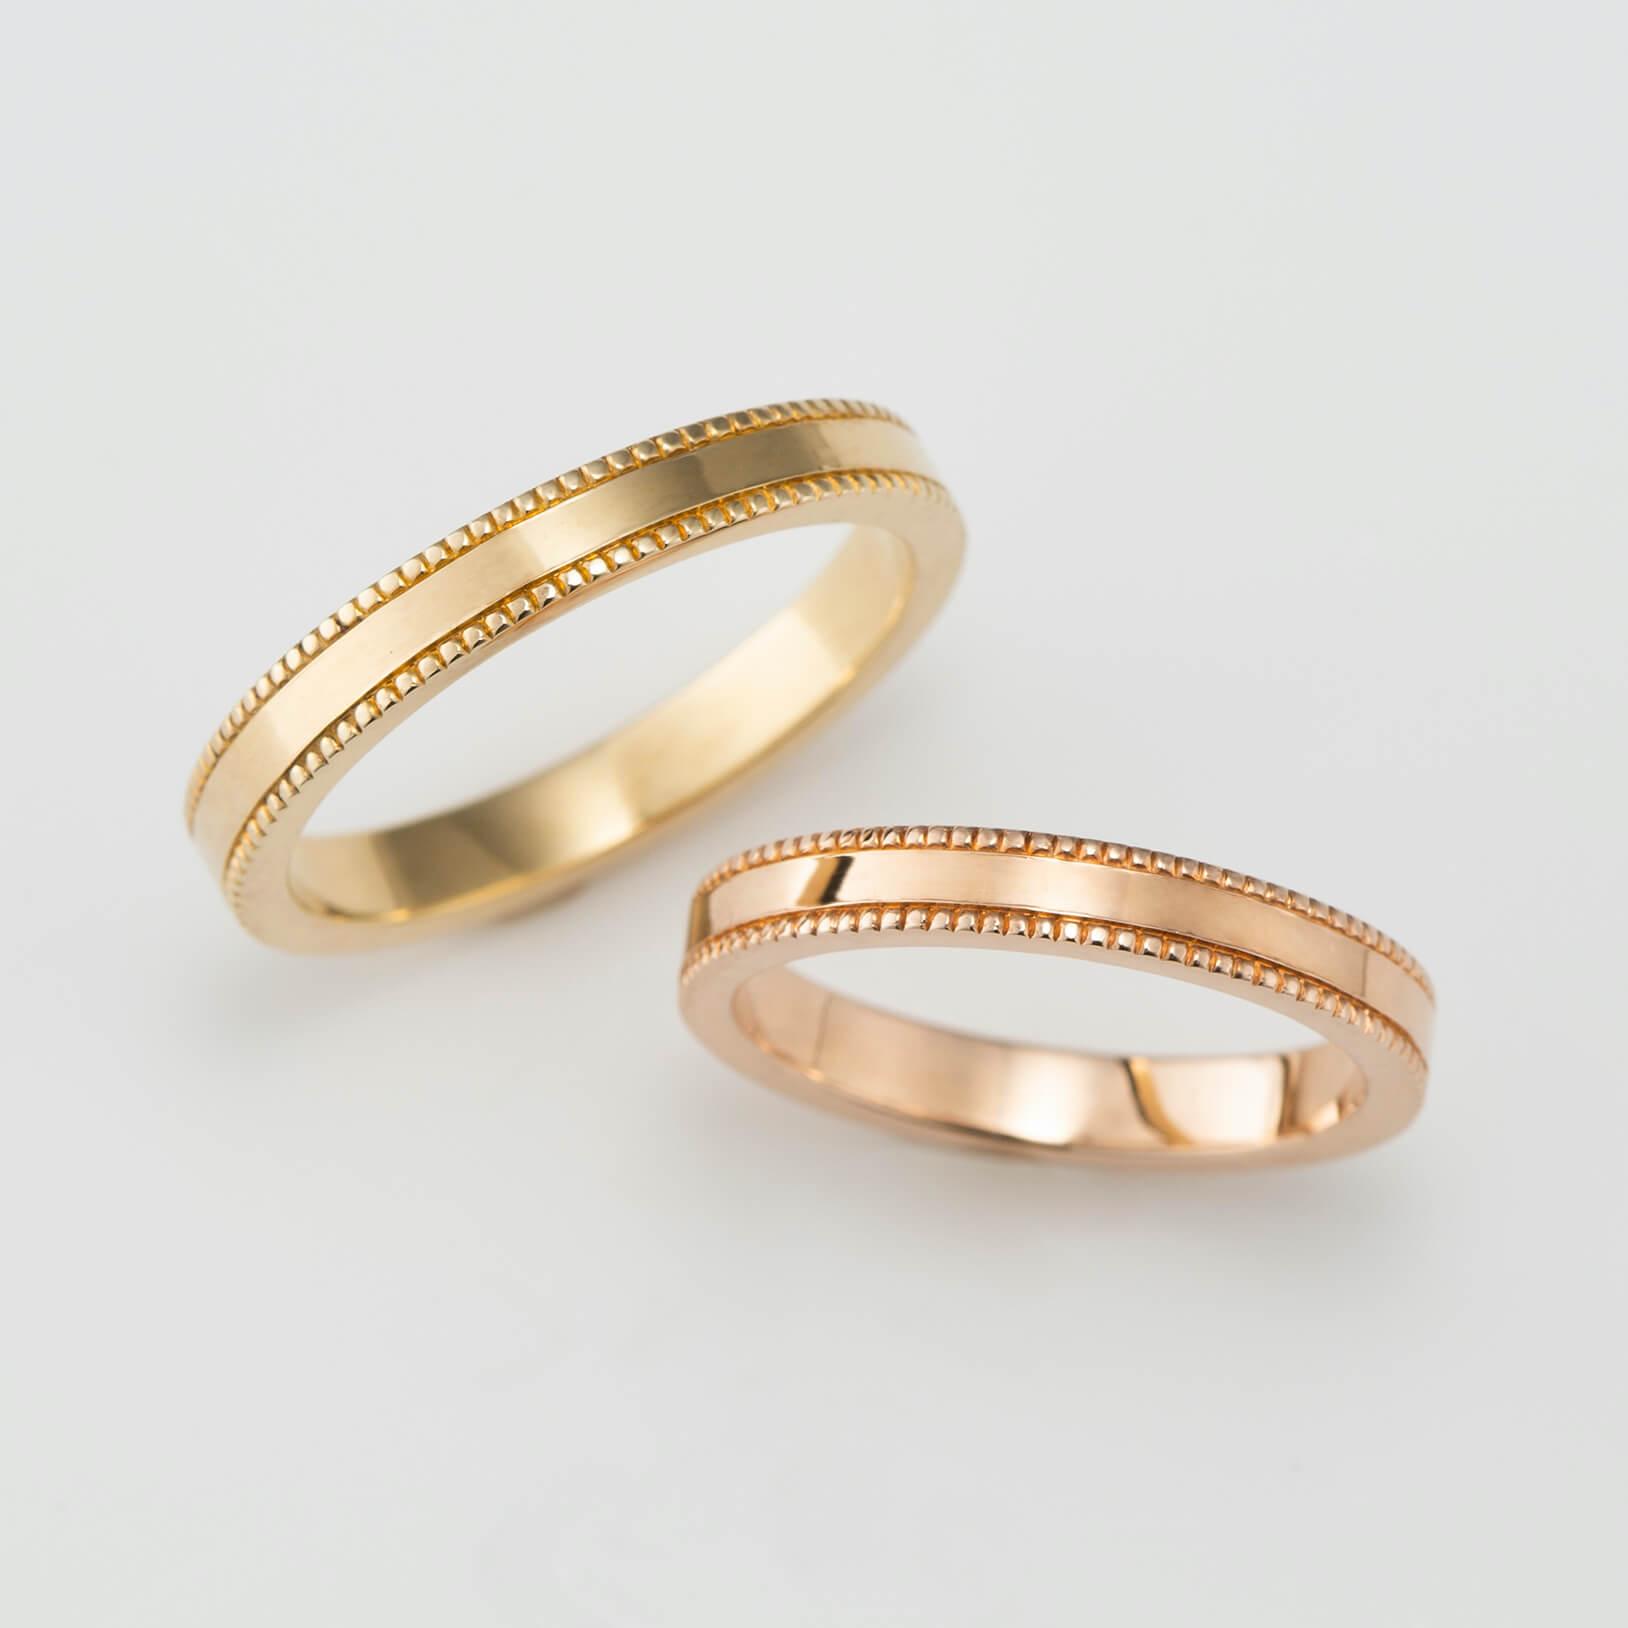 ミルグレイン(ミル打ち)を施したゴールドの結婚指輪